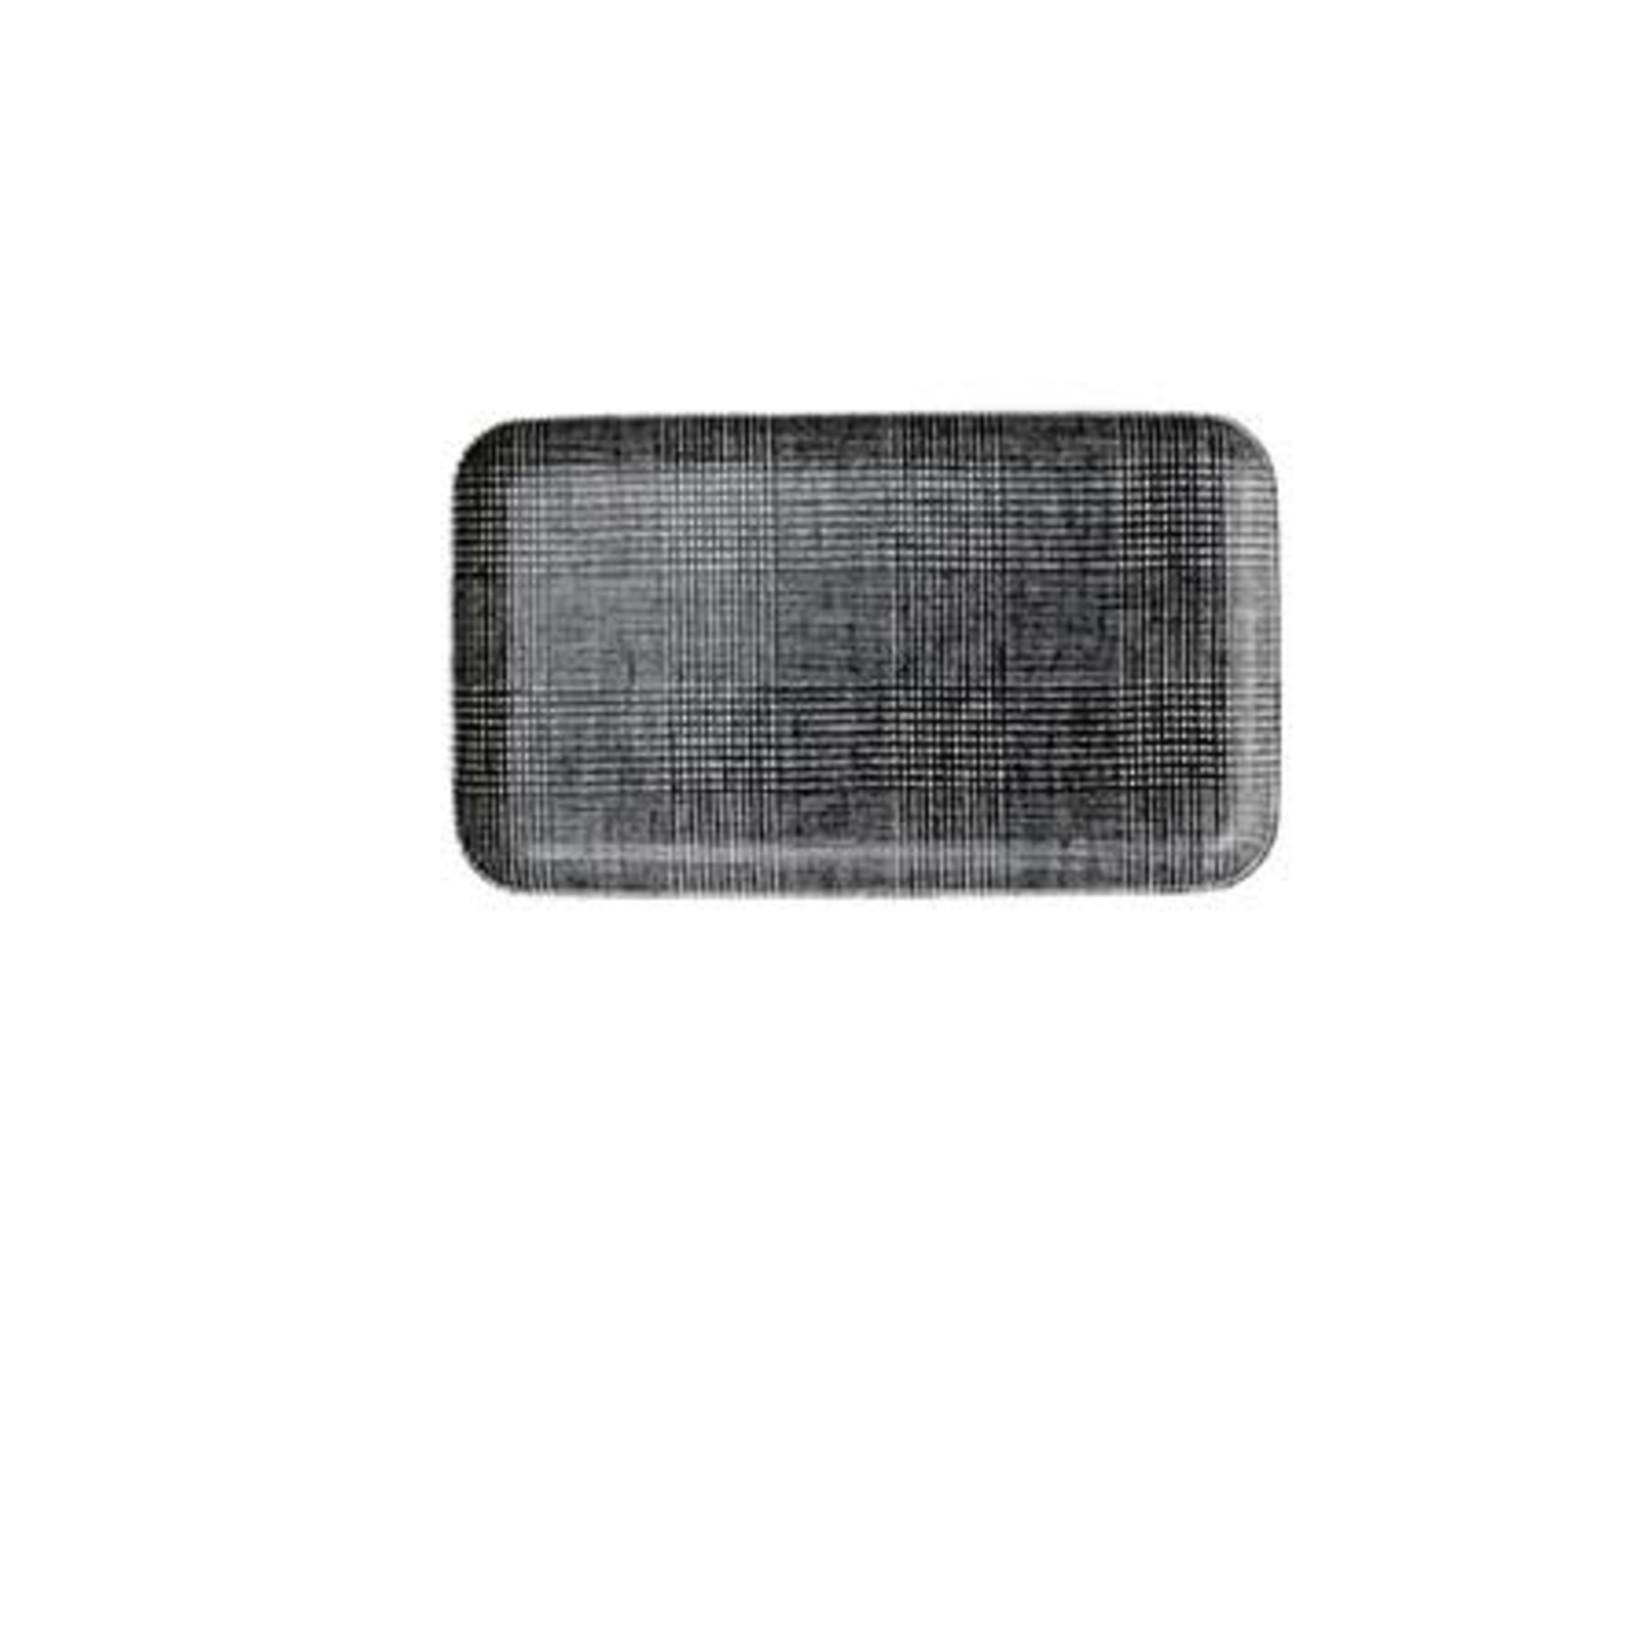 Fog Linen Fog Linen Linen Coated Tray Small Glen Check